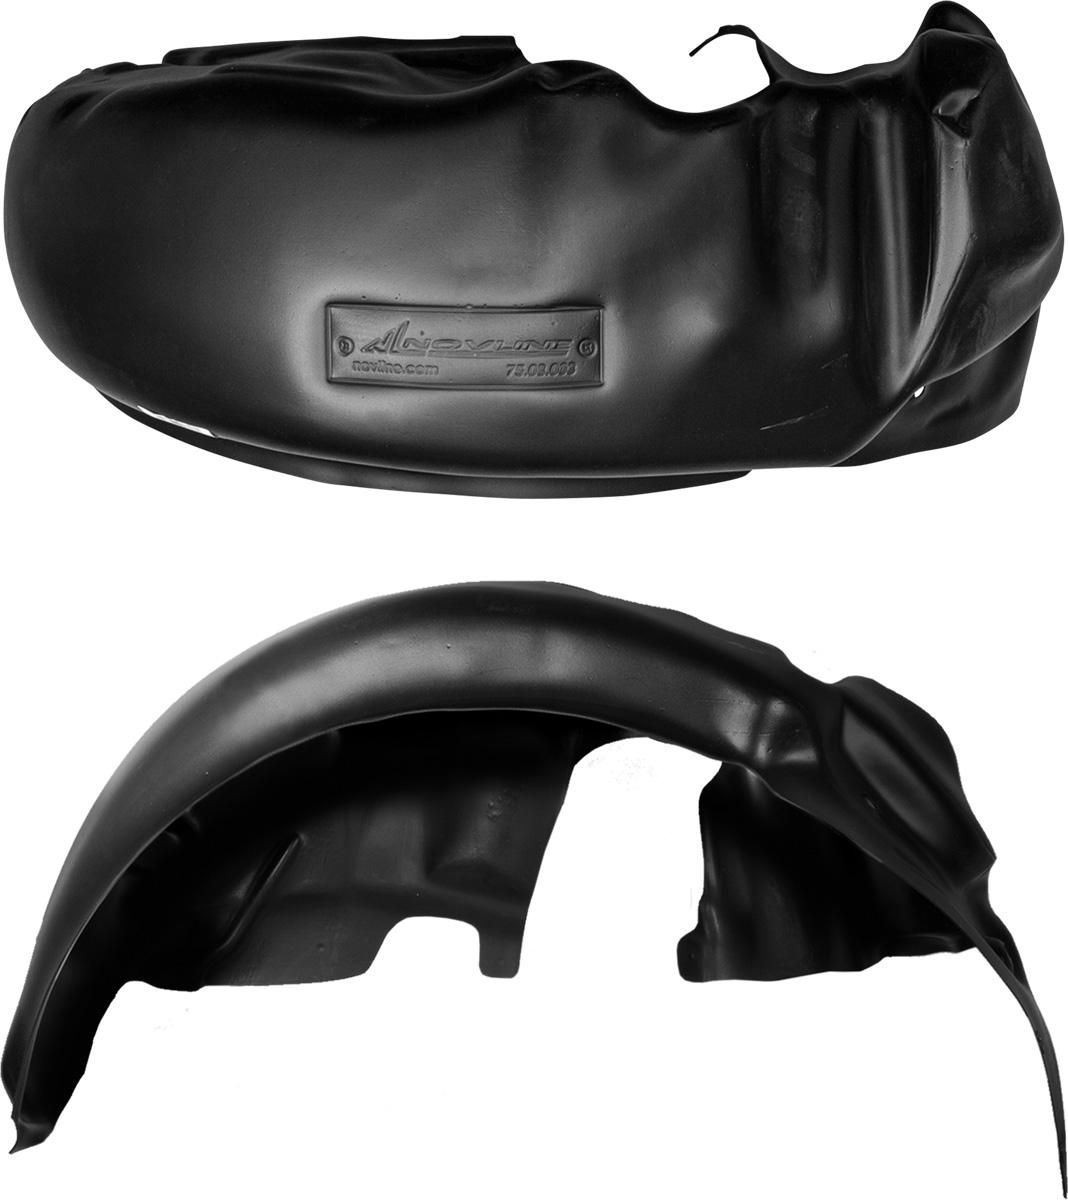 Подкрылки FORD Kuga, 2013->, задний левыйNLL.16.23.003Колесные ниши – одни из самых уязвимых зон днища вашего автомобиля. Они постоянно подвергаются воздействию со стороны дороги. Лучшая, почти абсолютная защита для них - специально отформованные пластиковые кожухи, которые называются подкрылками, или локерами. Производятся они как для отечественных моделей автомобилей, так и для иномарок. Подкрылки выполнены из высококачественного, экологически чистого пластика. Обеспечивают надежную защиту кузова автомобиля от пескоструйного эффекта и негативного влияния, агрессивных антигололедных реагентов. Пластик обладает более низкой теплопроводностью, чем металл, поэтому в зимний период эксплуатации использование пластиковых подкрылков позволяет лучше защитить колесные ниши от налипания снега и образования наледи. Оригинальность конструкции подчеркивает элегантность автомобиля, бережно защищает нанесенное на днище кузова антикоррозийное покрытие и позволяет осуществить крепление подкрылков внутри колесной арки практически без дополнительного...